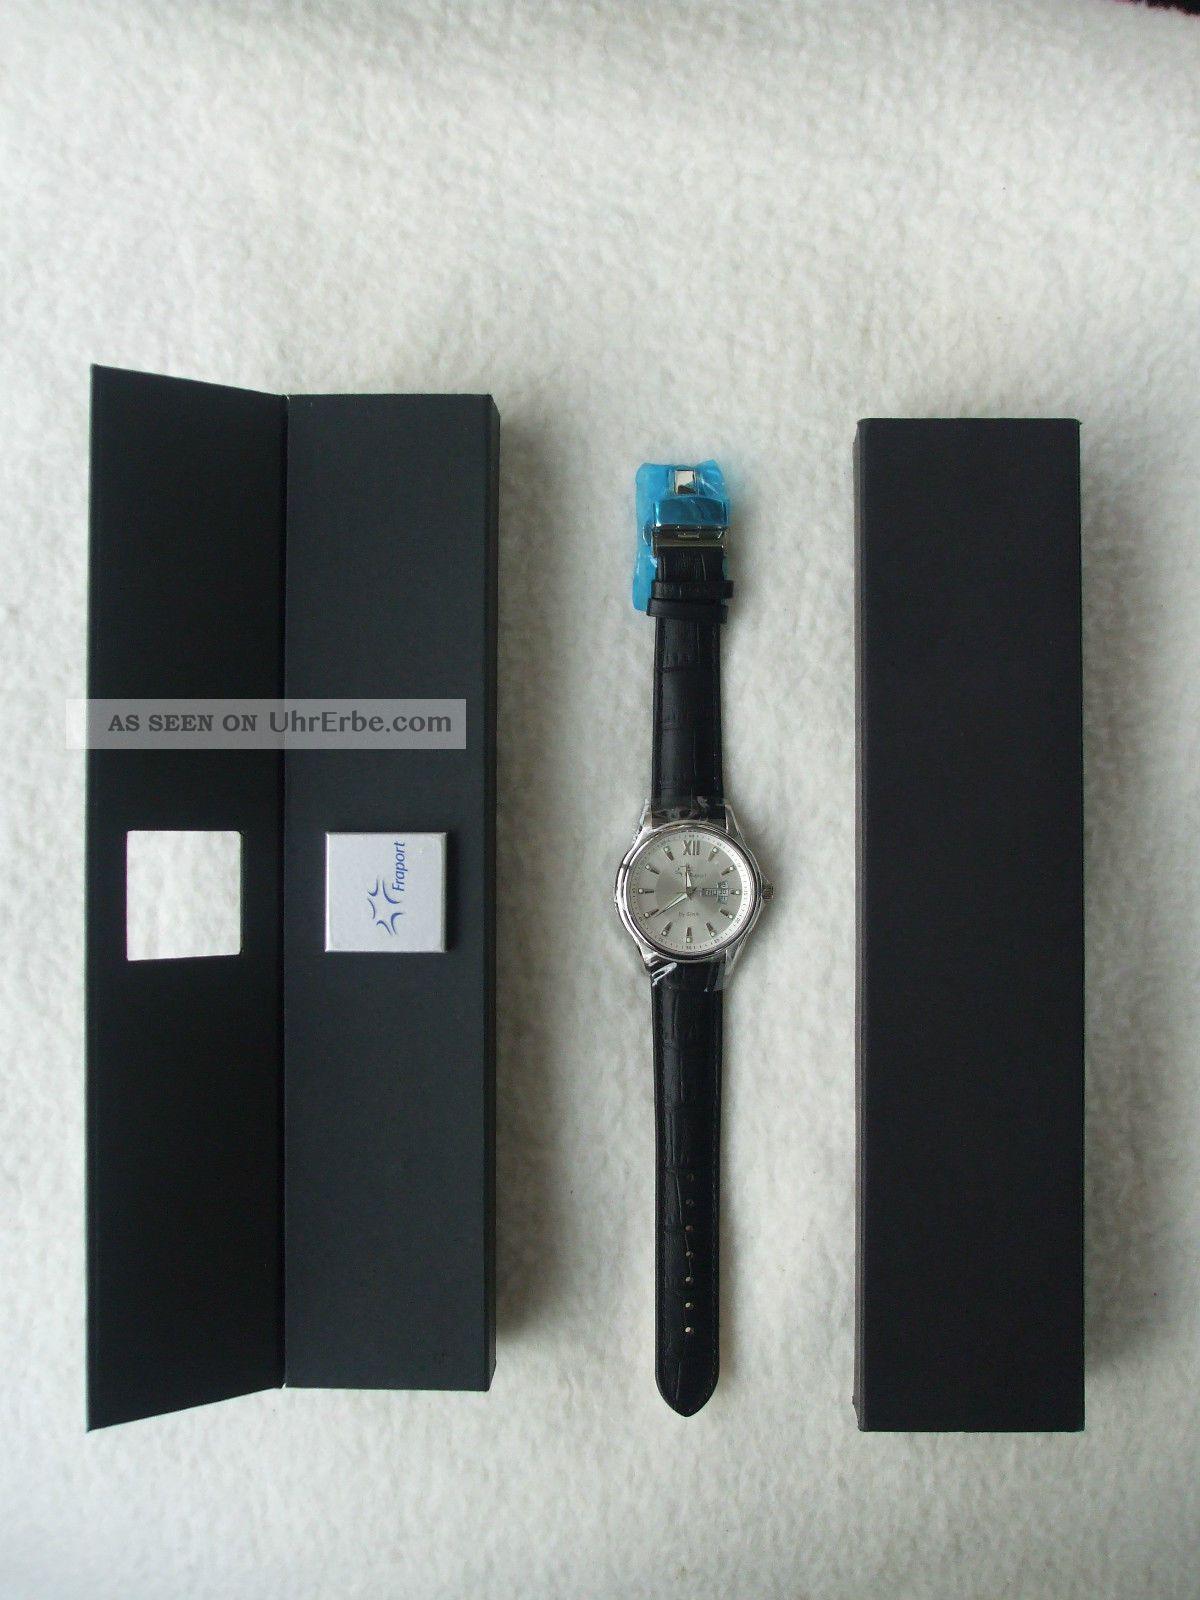 Herren Fraport Uhr 75jahre Flughafen Ffm Made By Sinn Mit Passendem Buch Armbanduhren Bild